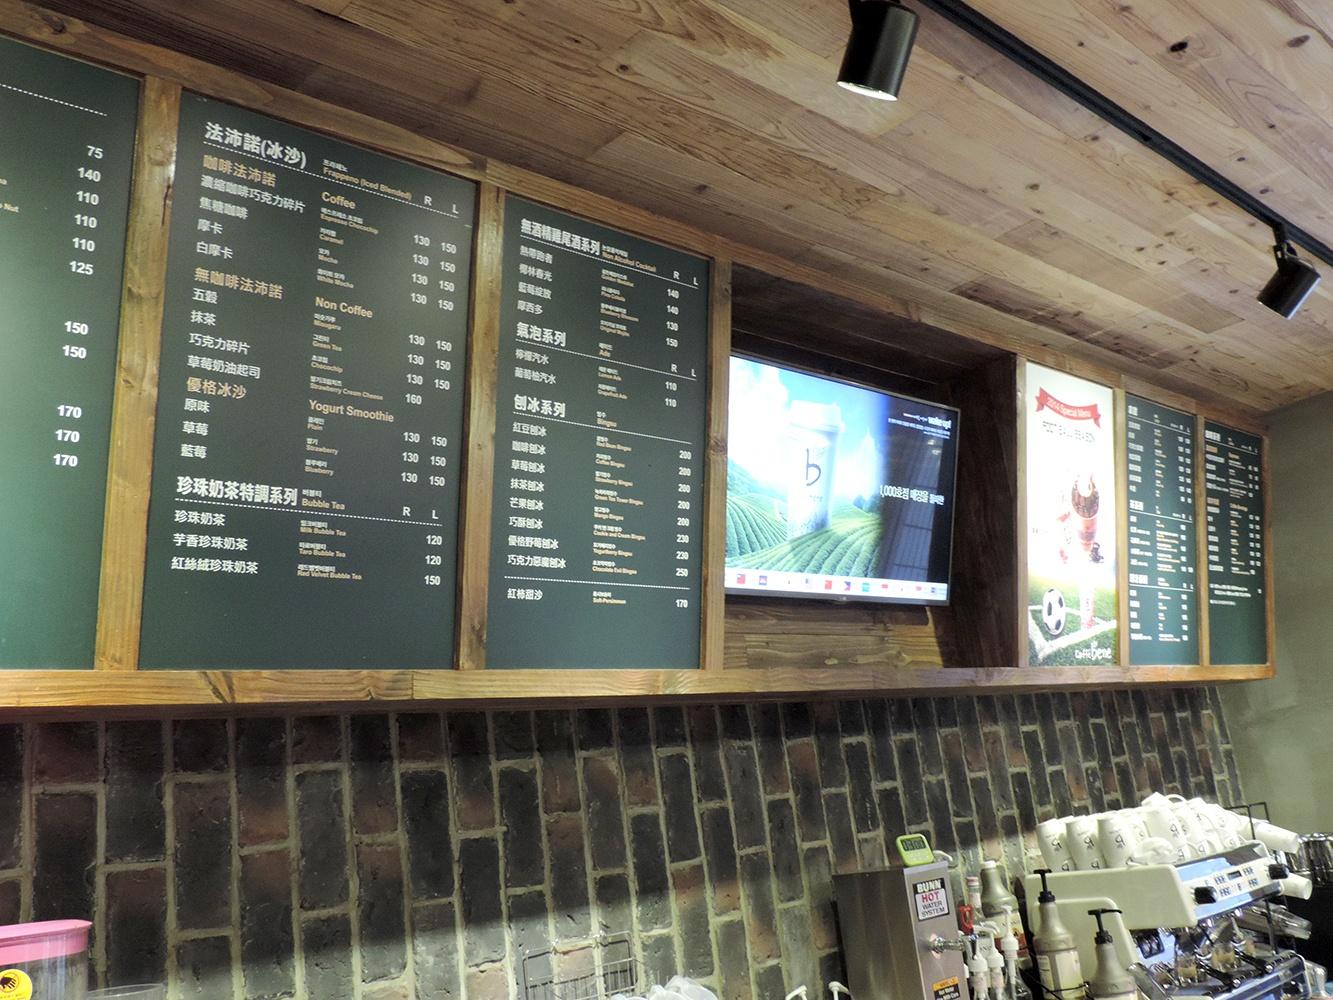 咖啡店裝潢設計-元品設計-咖啡陪你-店面裝潢設計-大圖8